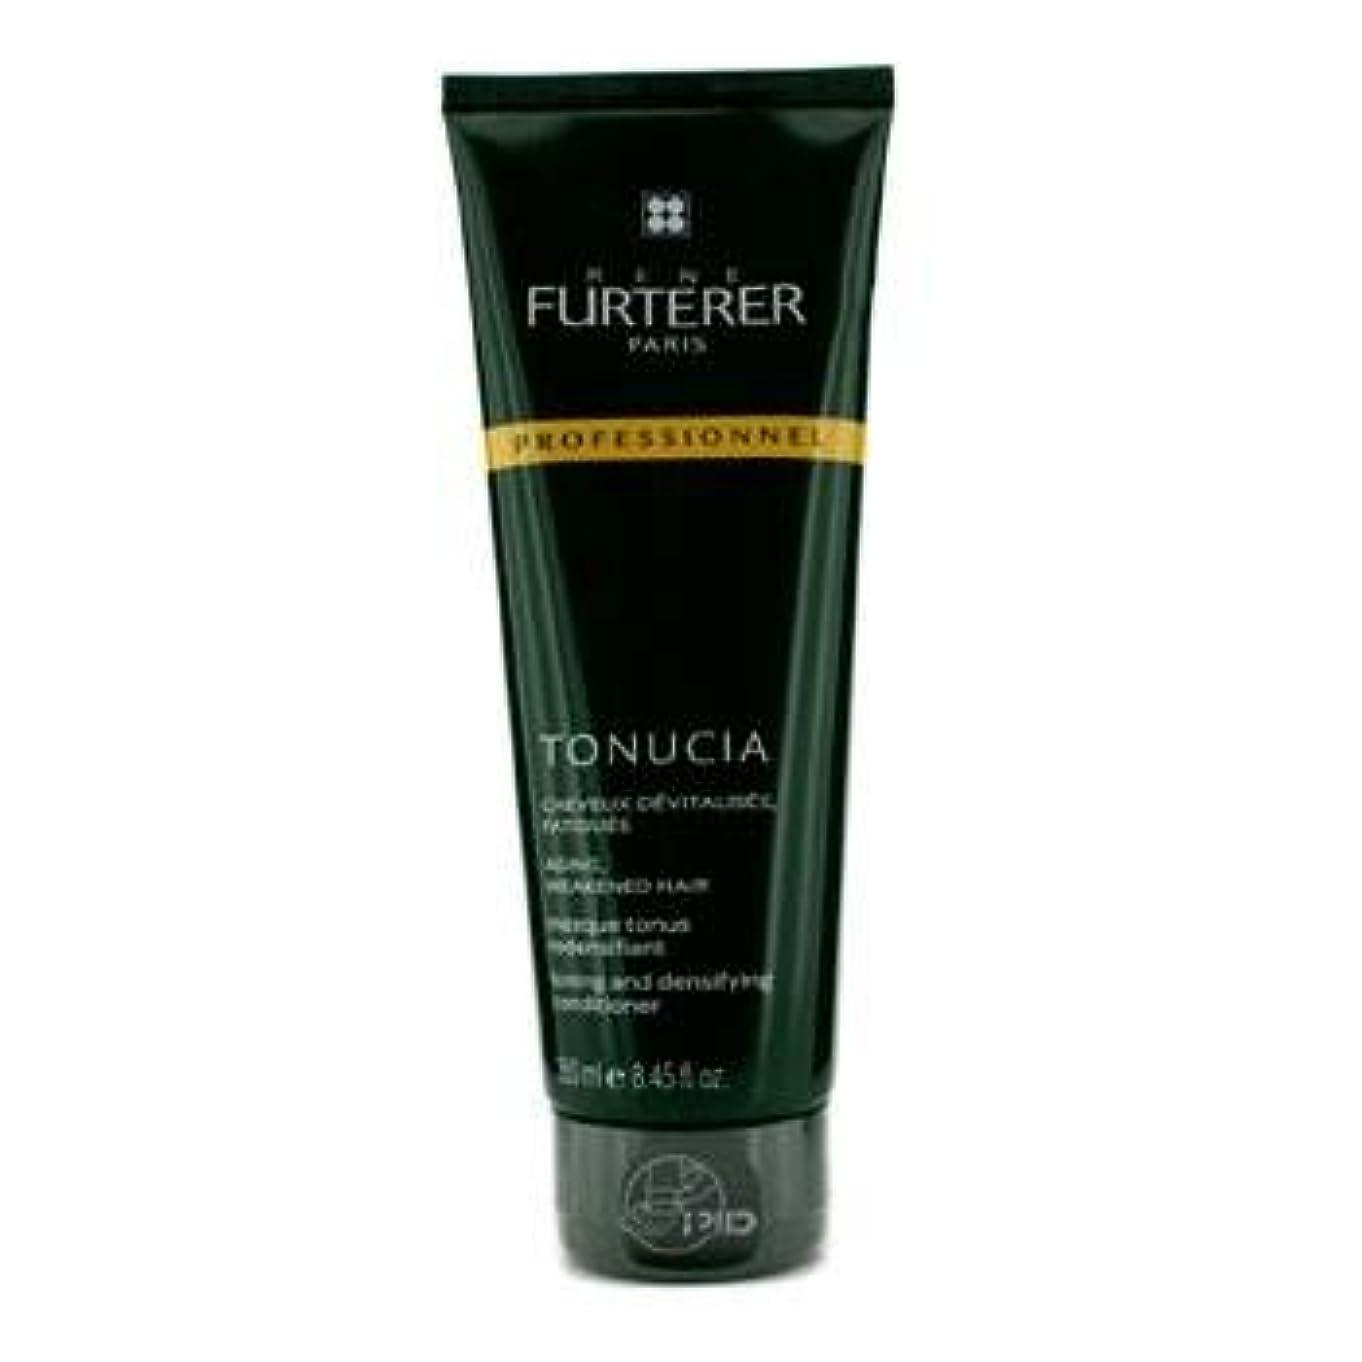 応答エジプト引用ルネ フルトレール Tonucia Thickening Ritual Toning and Densifying Mask - Distressed, Thinning Hair (Salon Product) 250ml...